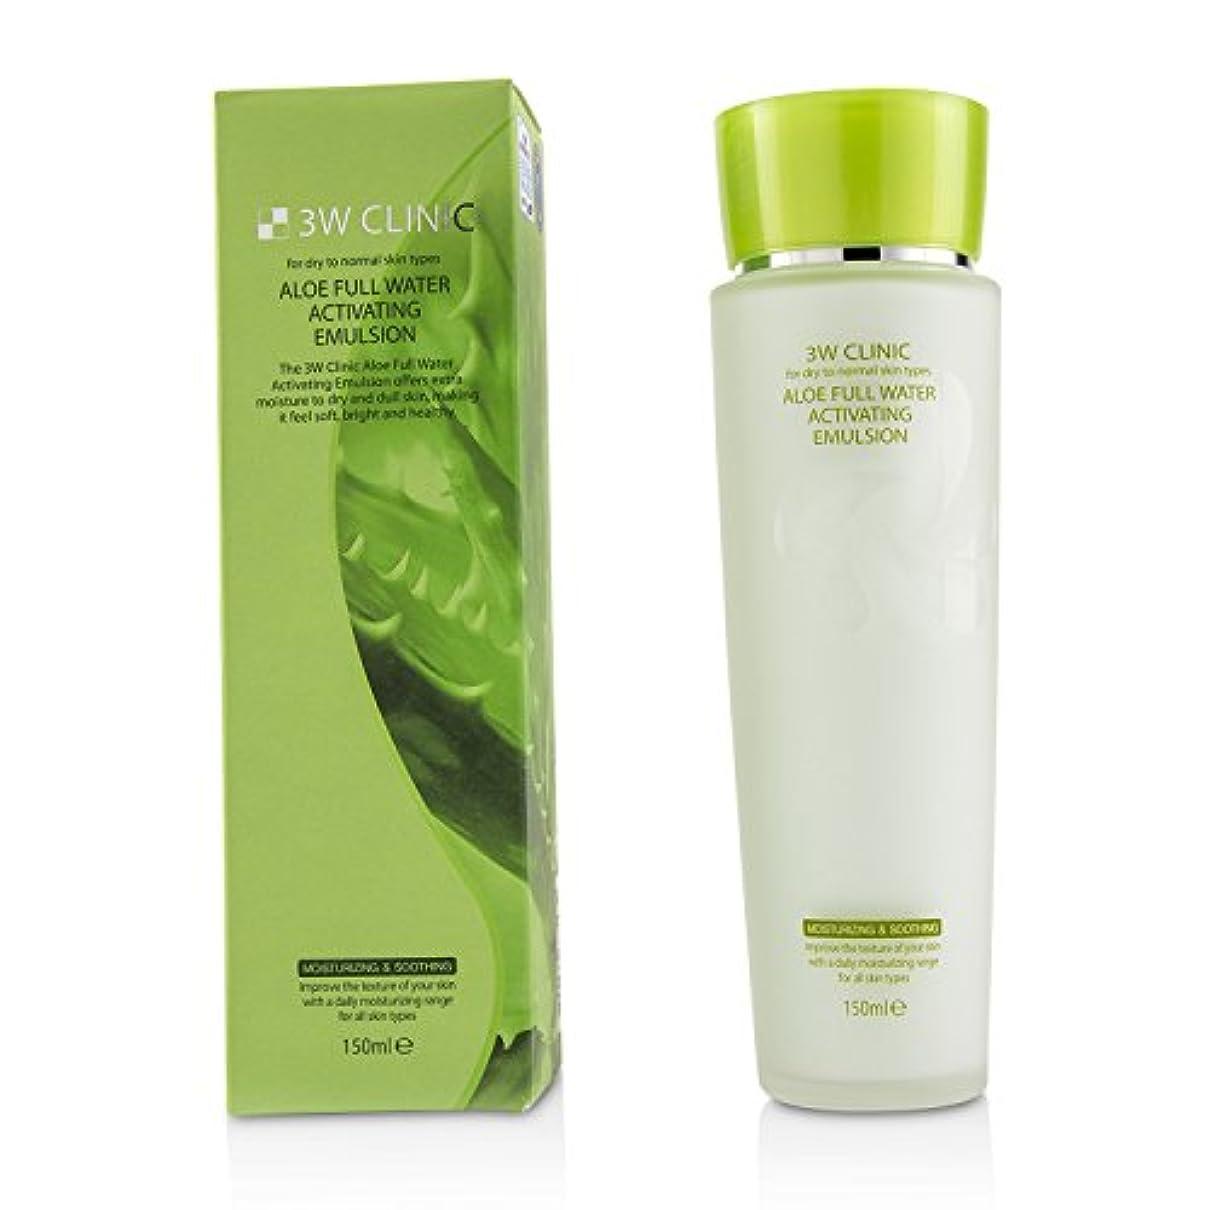 封筒削る哲学博士3Wクリニック Aloe Full Water Activating Emulsion - For Dry to Normal Skin Types 150ml/5oz並行輸入品